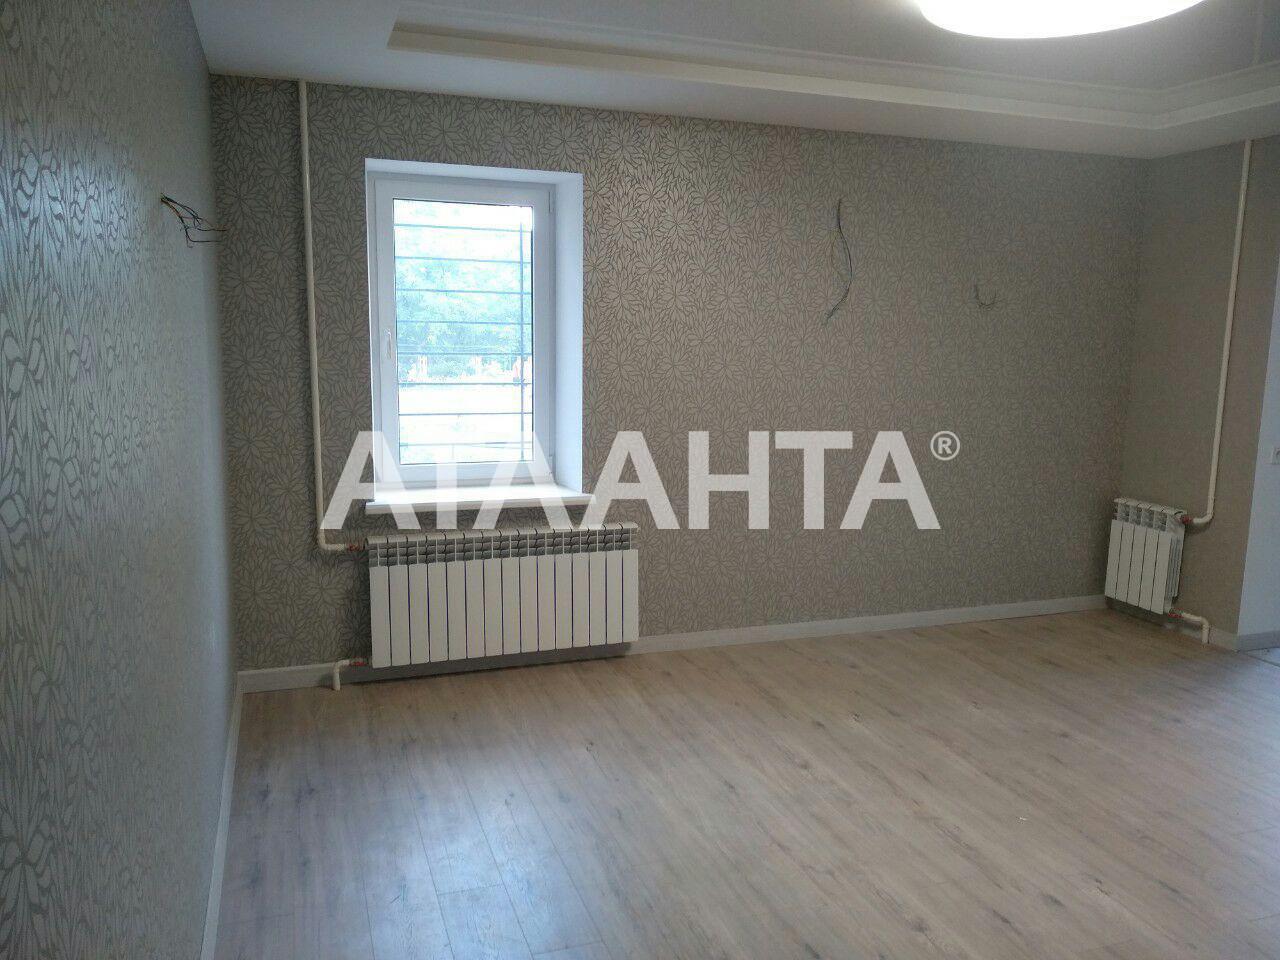 Продается 3-комнатная Квартира на ул. Глушко Ак. Пр. (Димитрова Пр.) — 86 000 у.е. (фото №6)